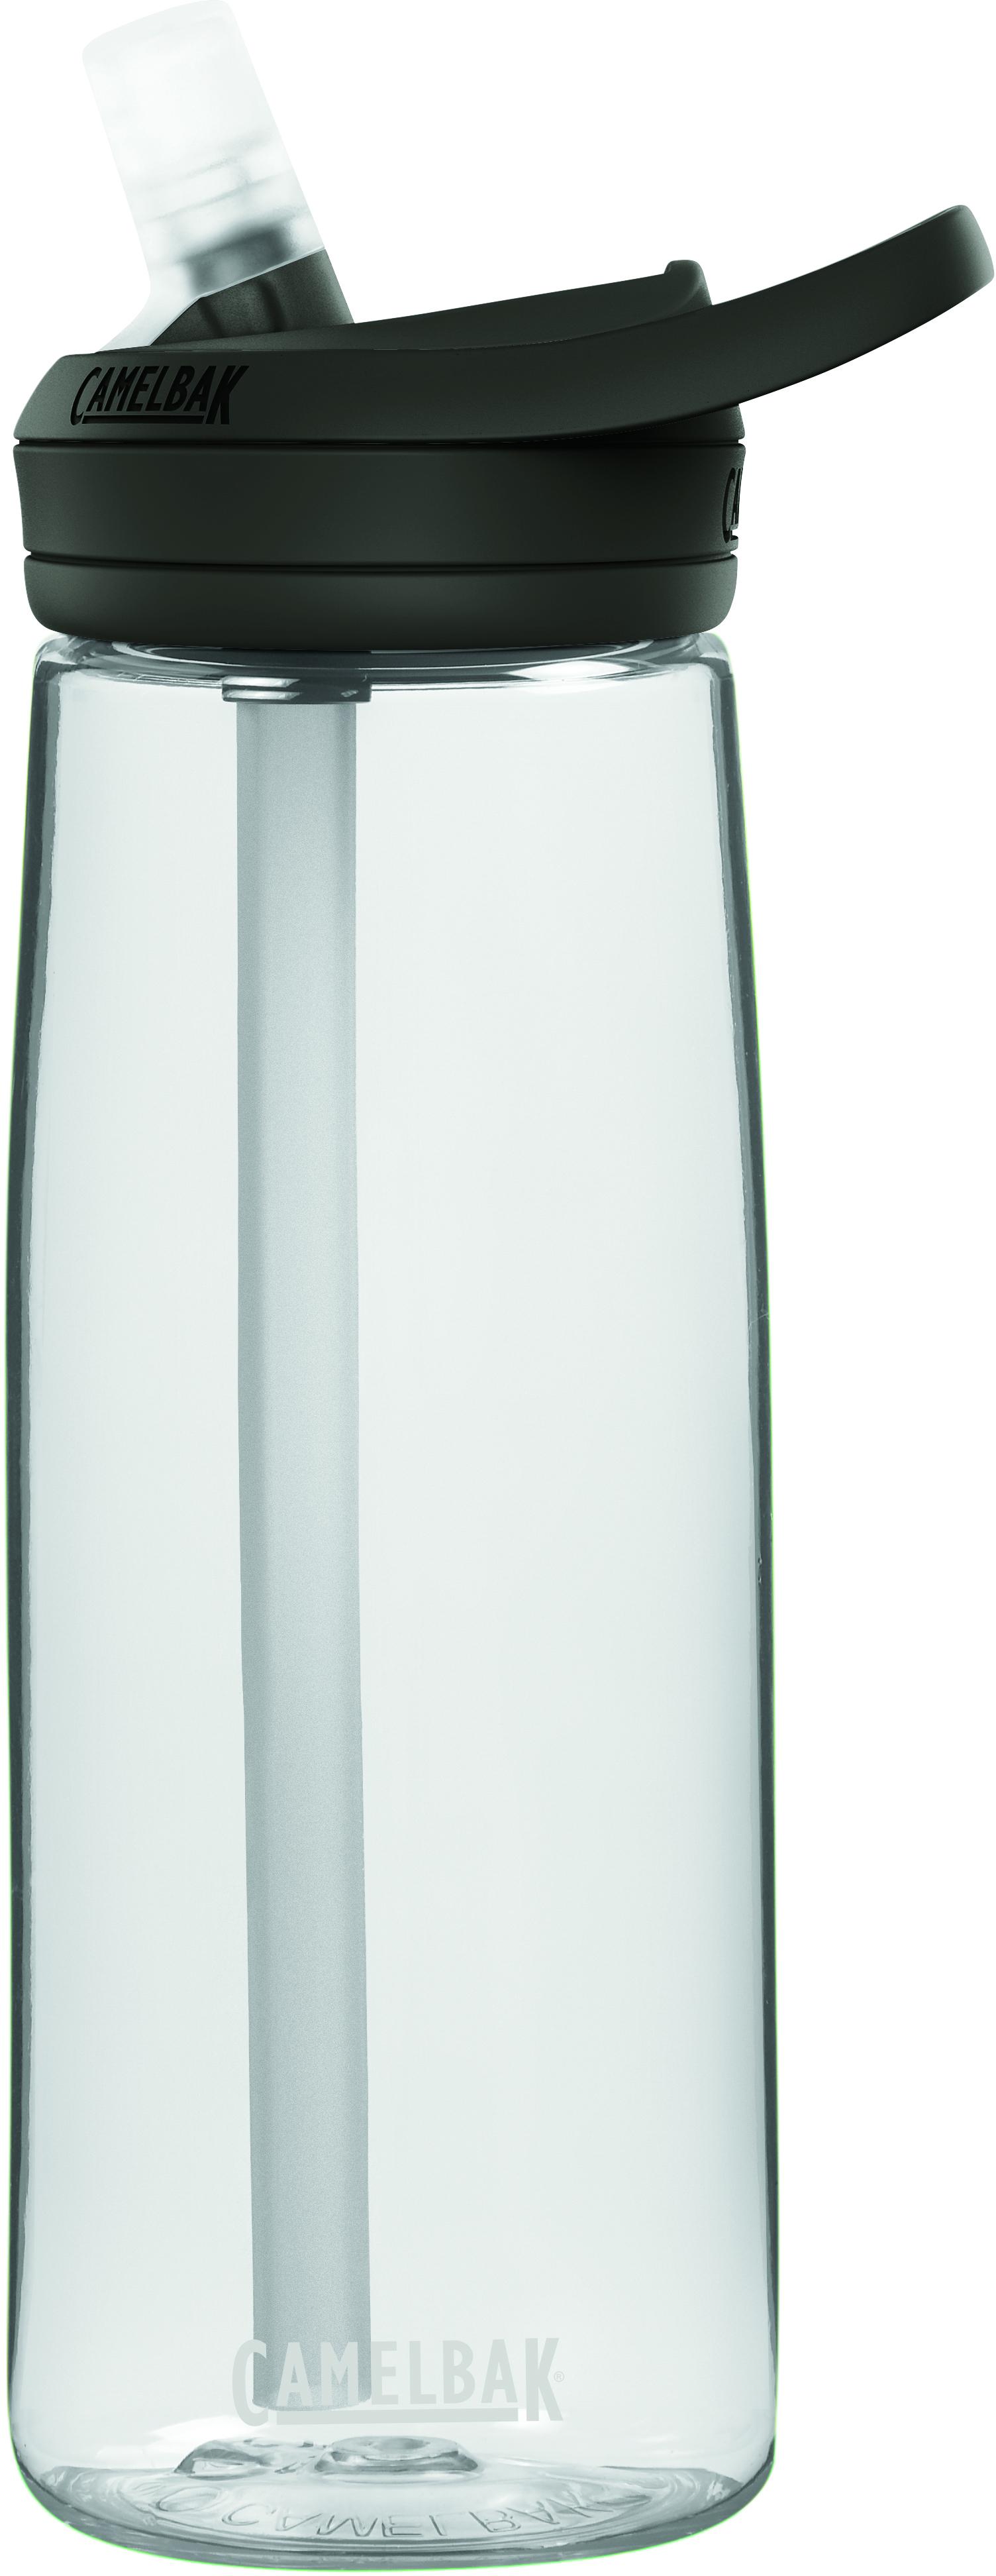 Camelbak EDDY 0,75L, bidon, transparent